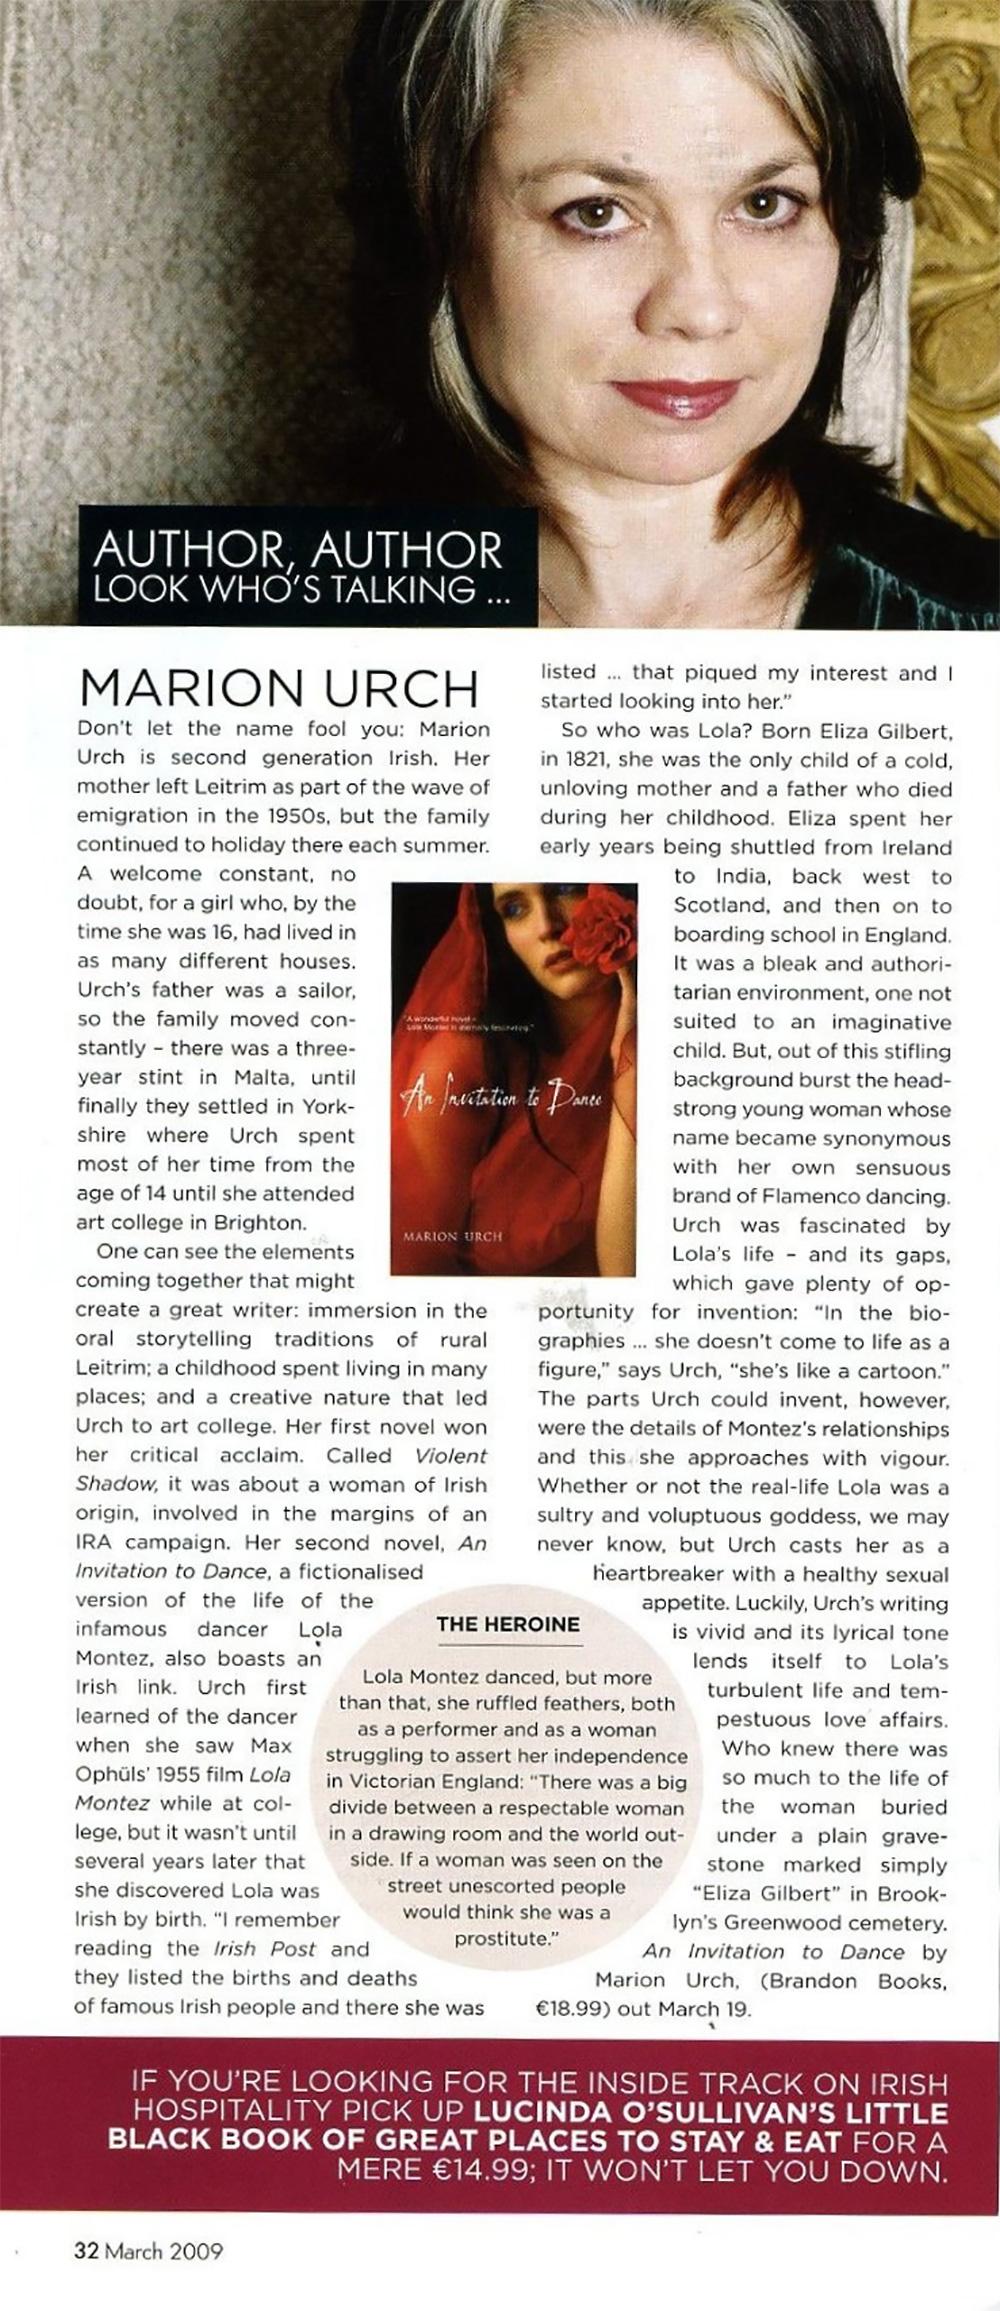 marion urch